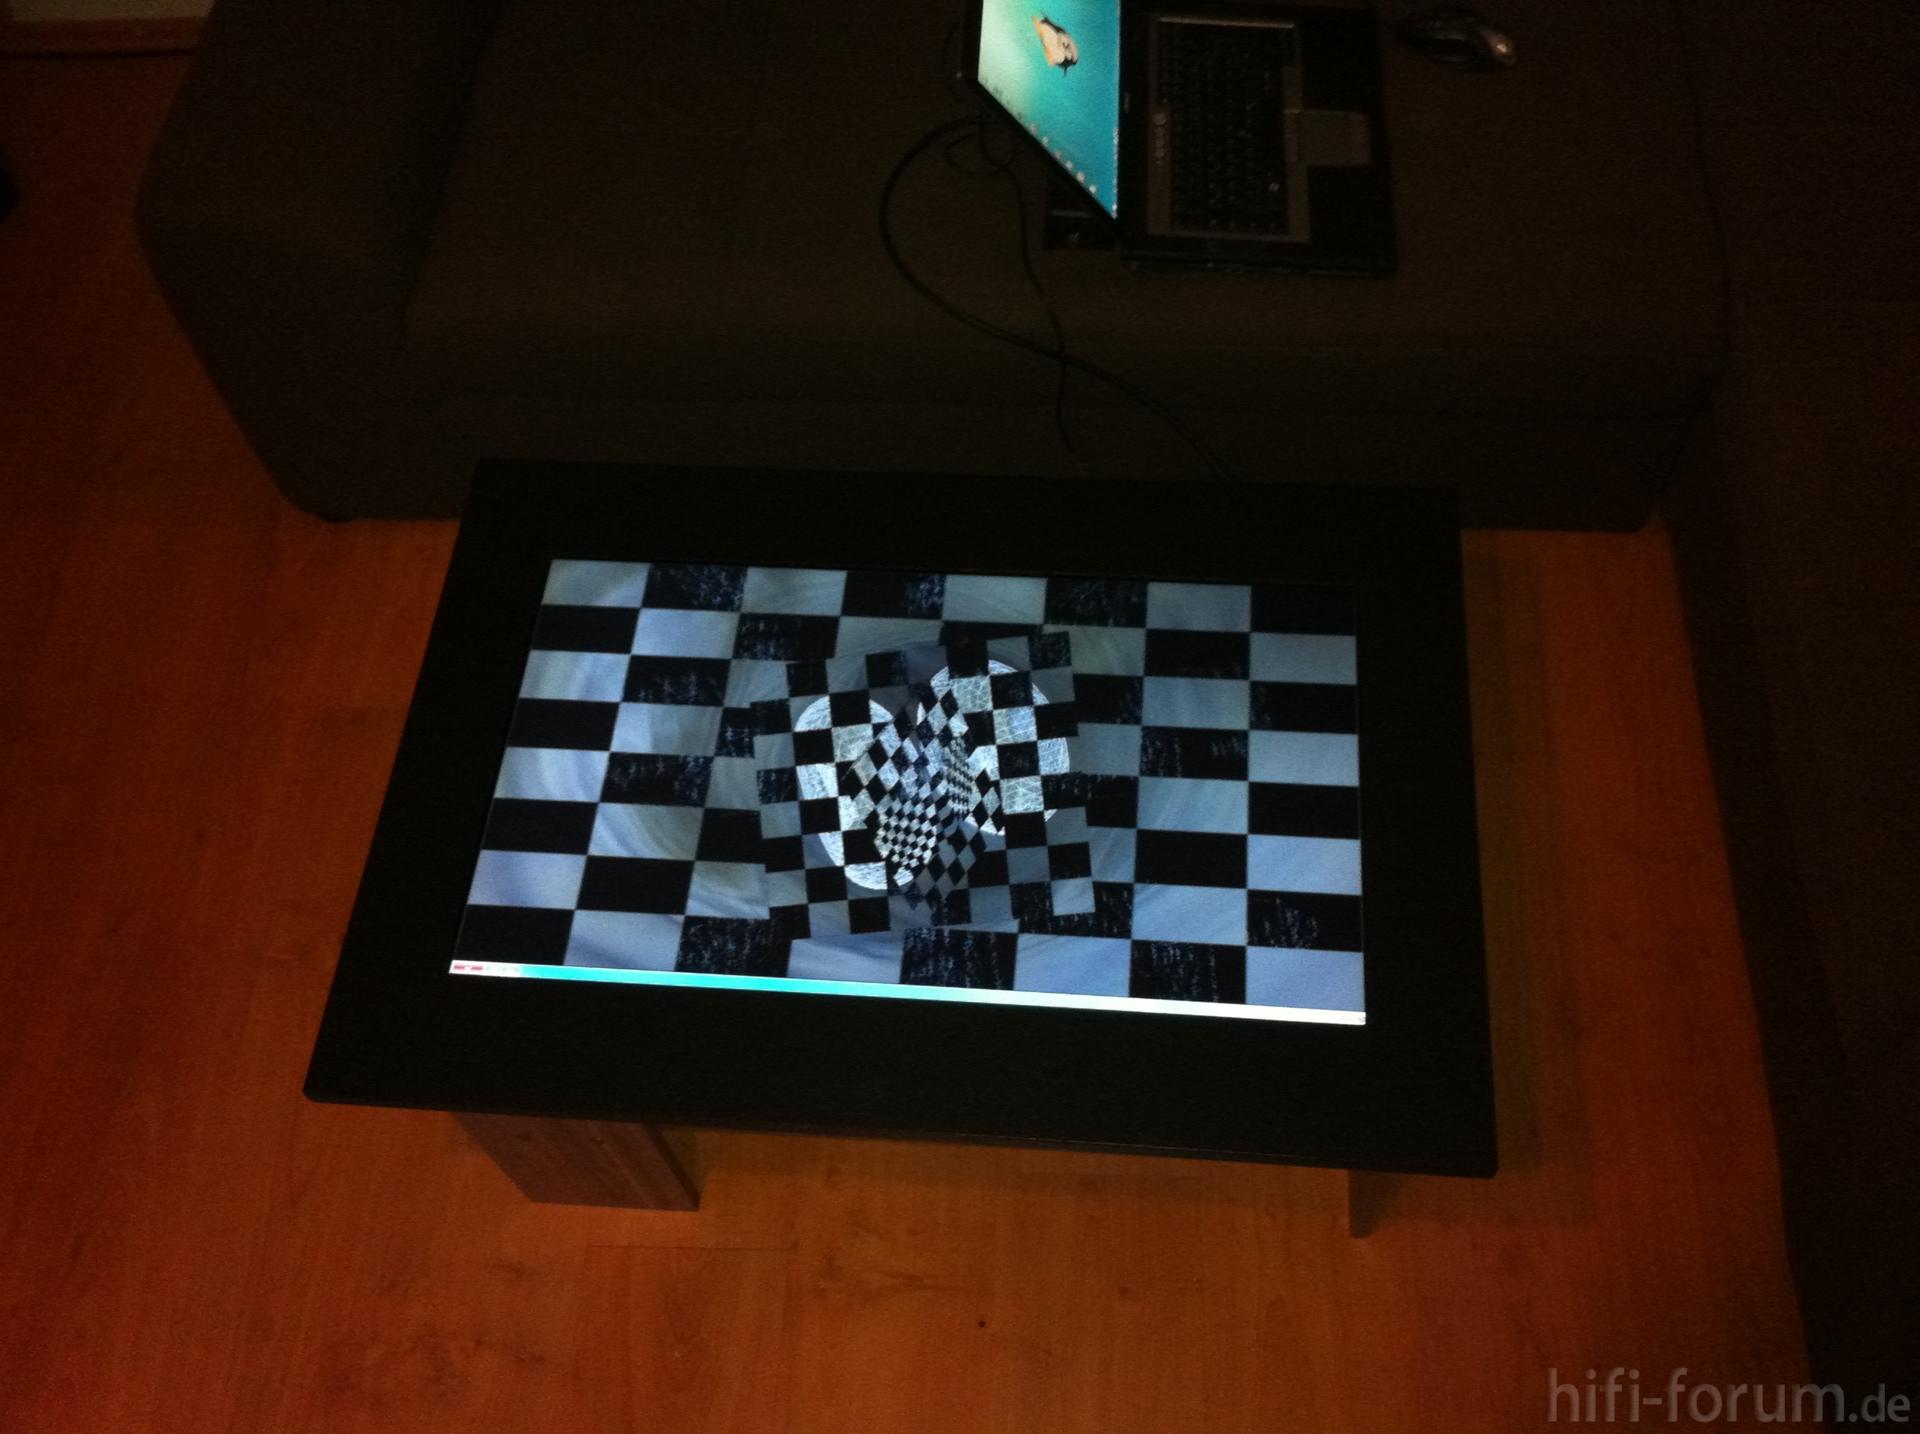 wohnzimmer tisch tisch wohnzimmer hifi bildergalerie. Black Bedroom Furniture Sets. Home Design Ideas